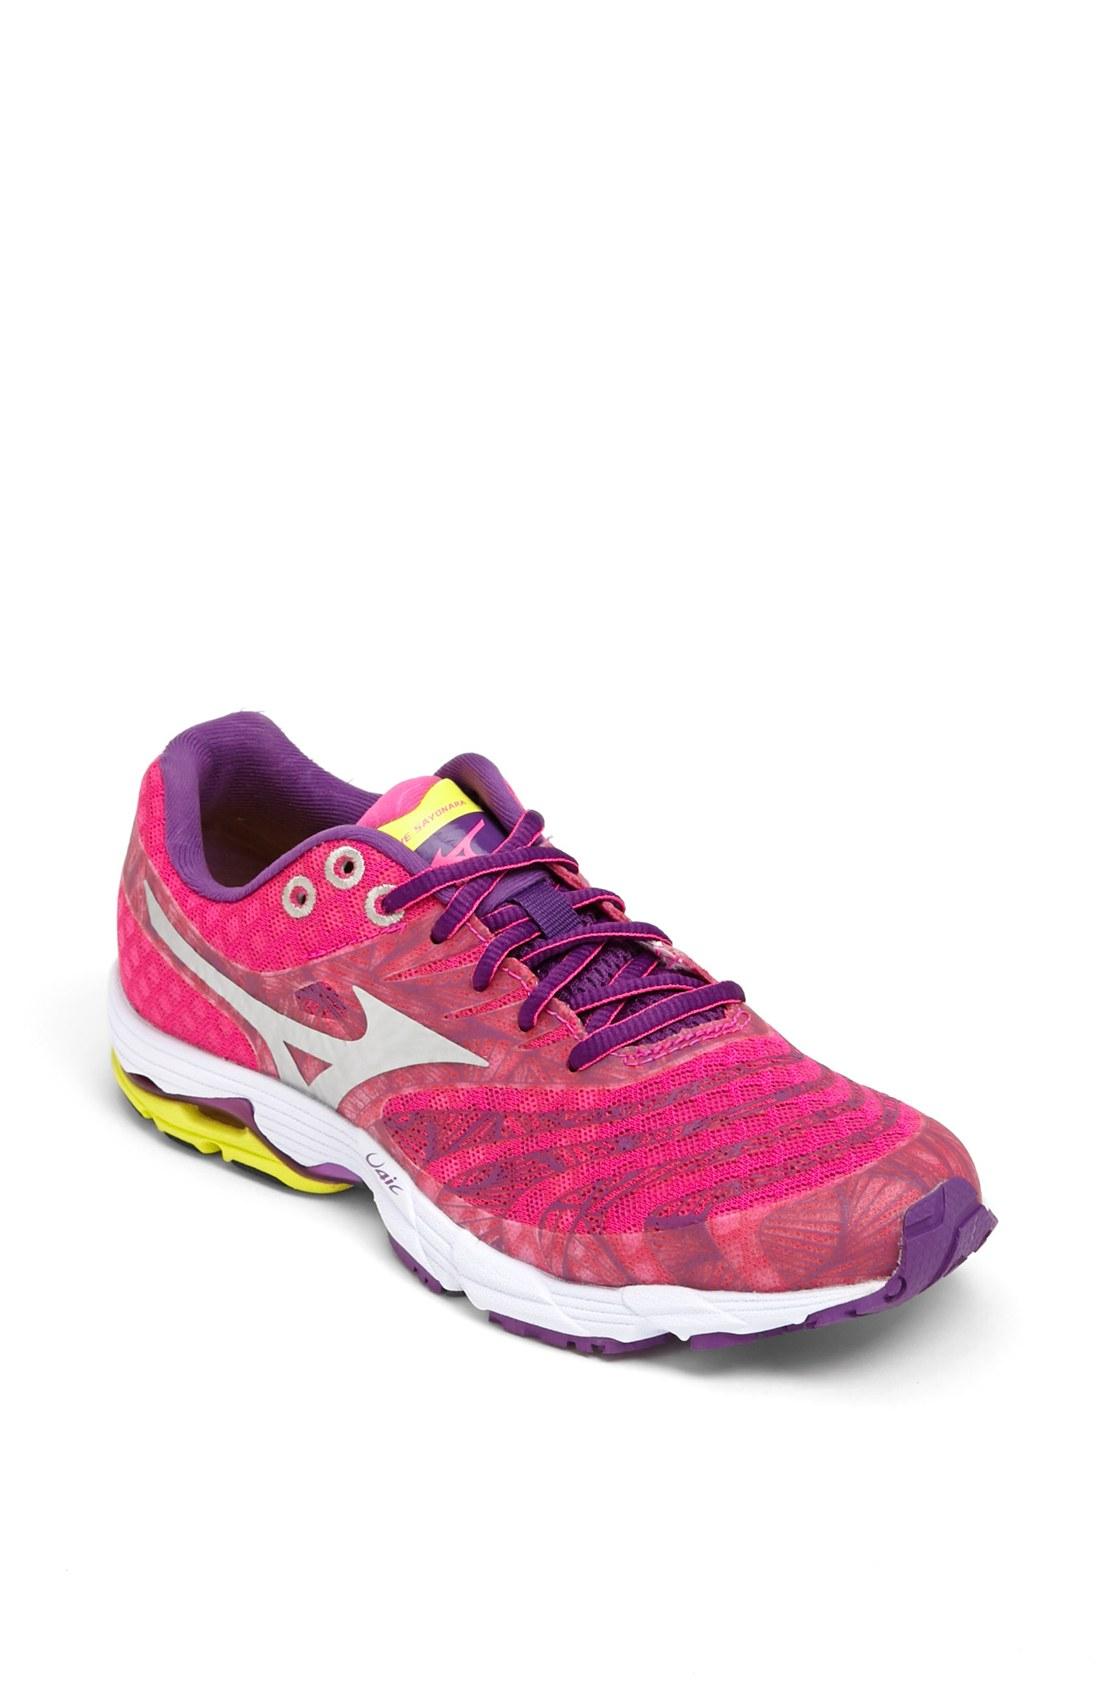 Mizuno Wave Sayonara Running Shoe in Pink (Pink/ Purple/ Silver